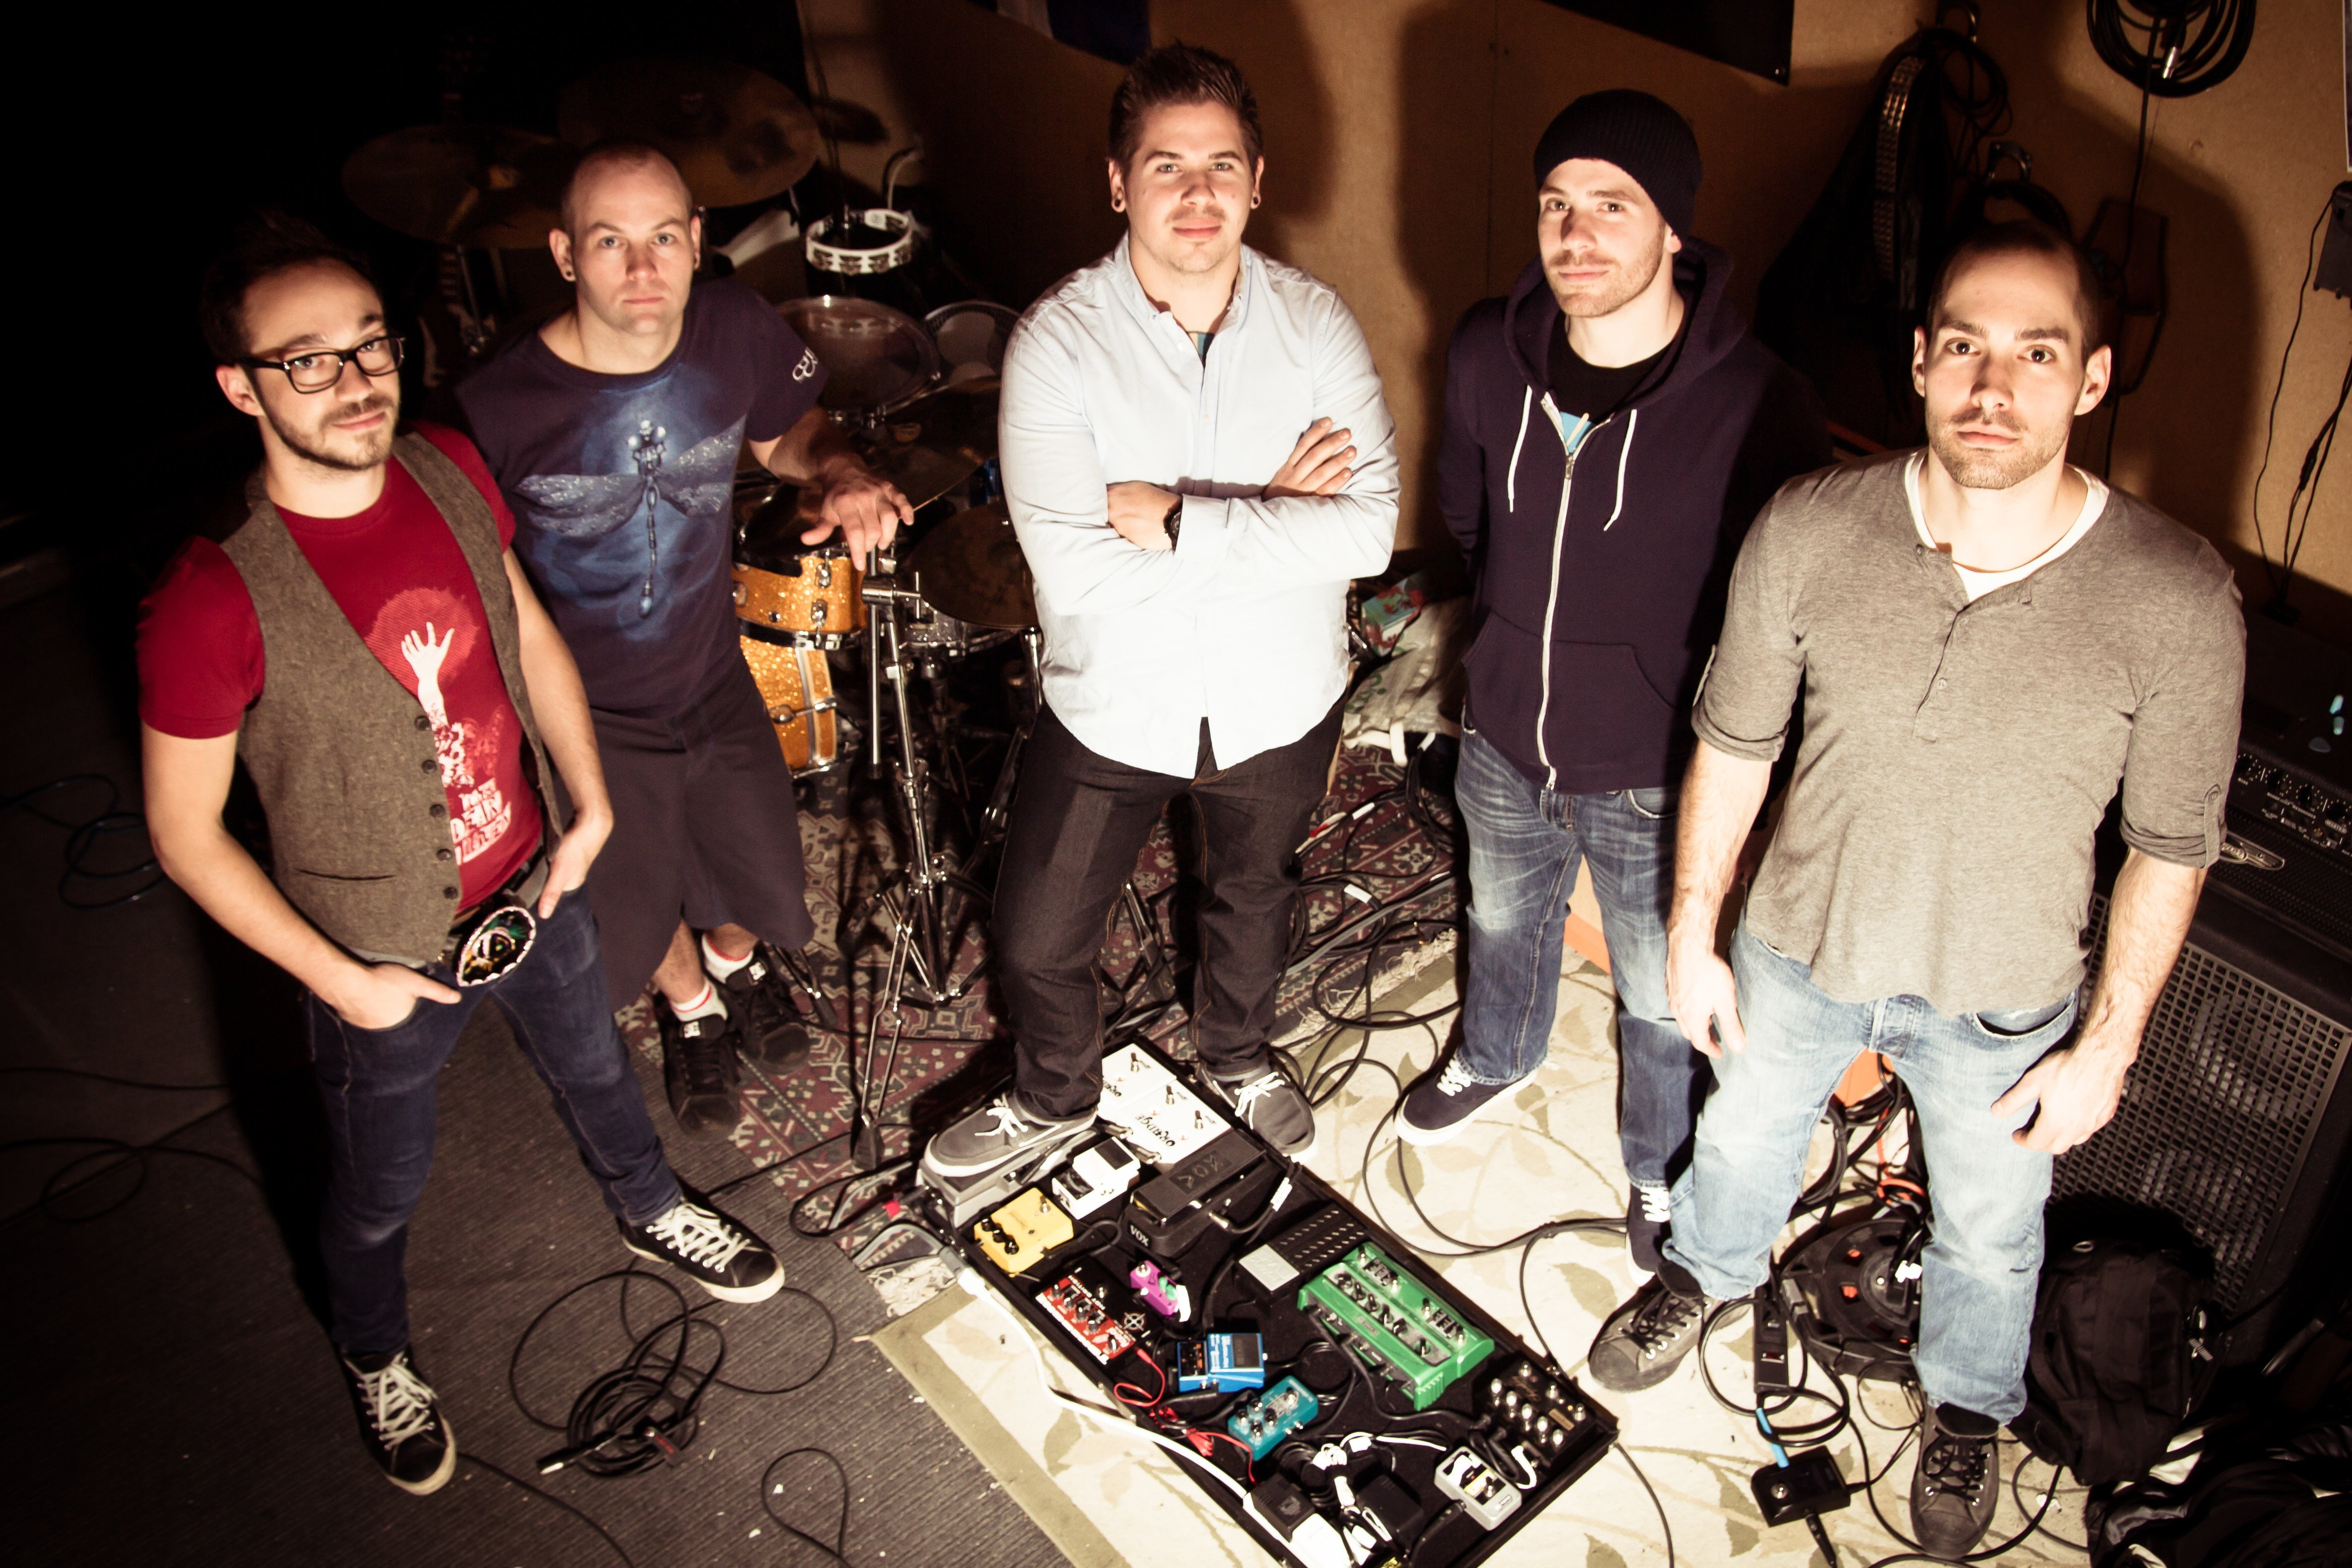 De gauche à droite: Étienne, Dany, Vincent, Martin et Simon